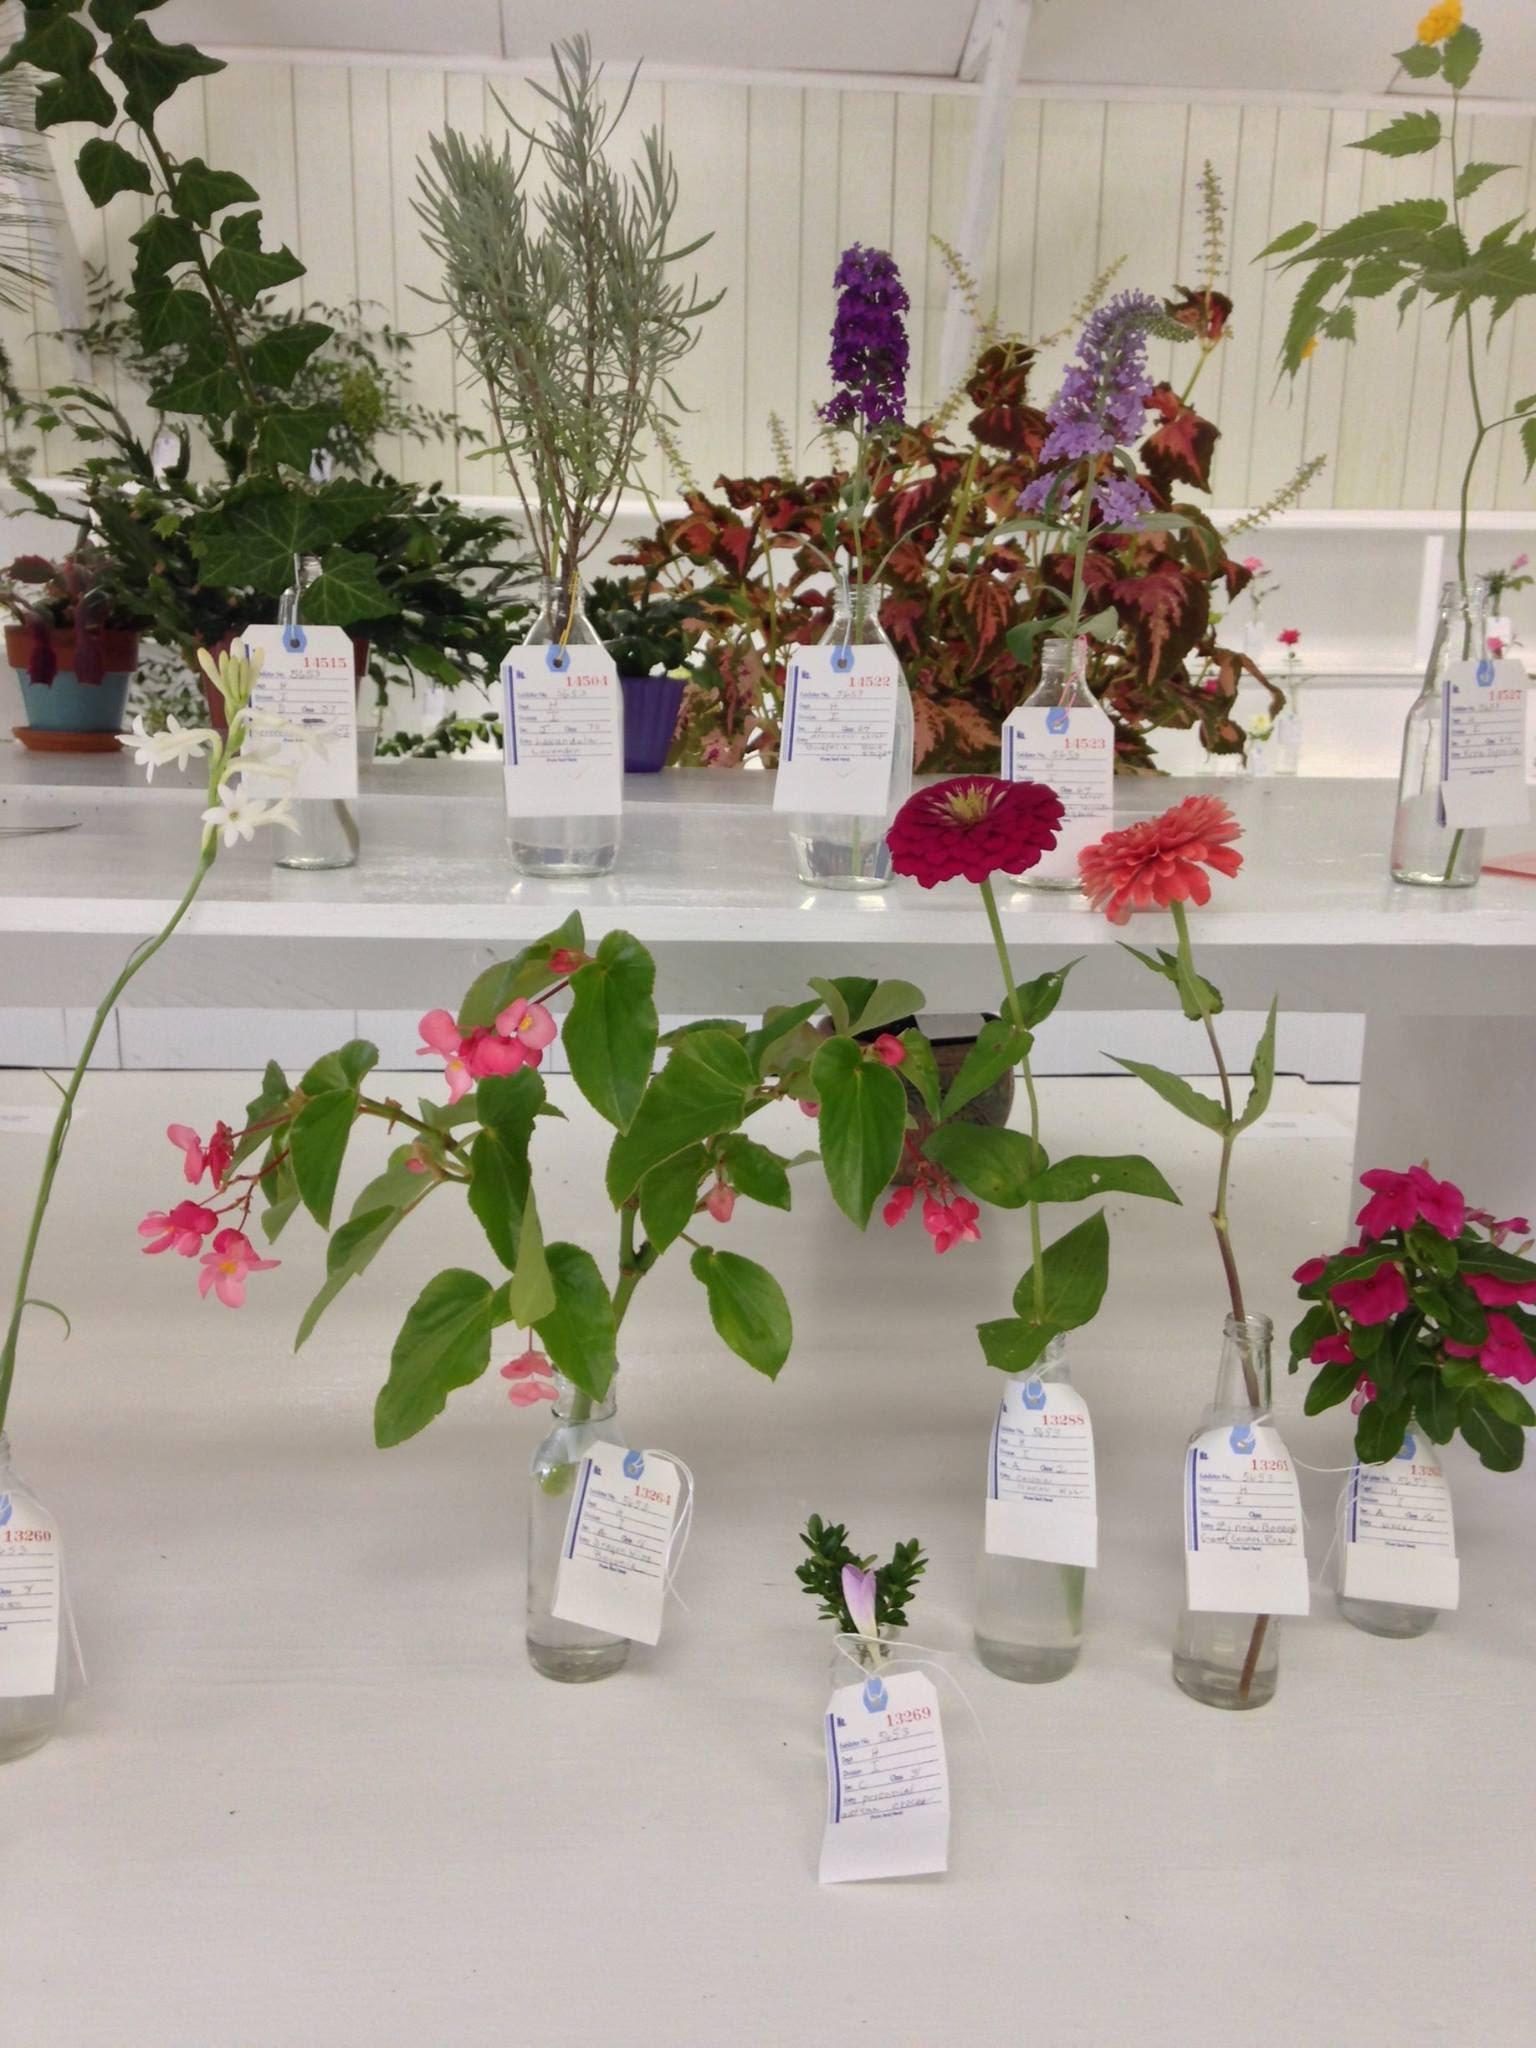 horticulture3